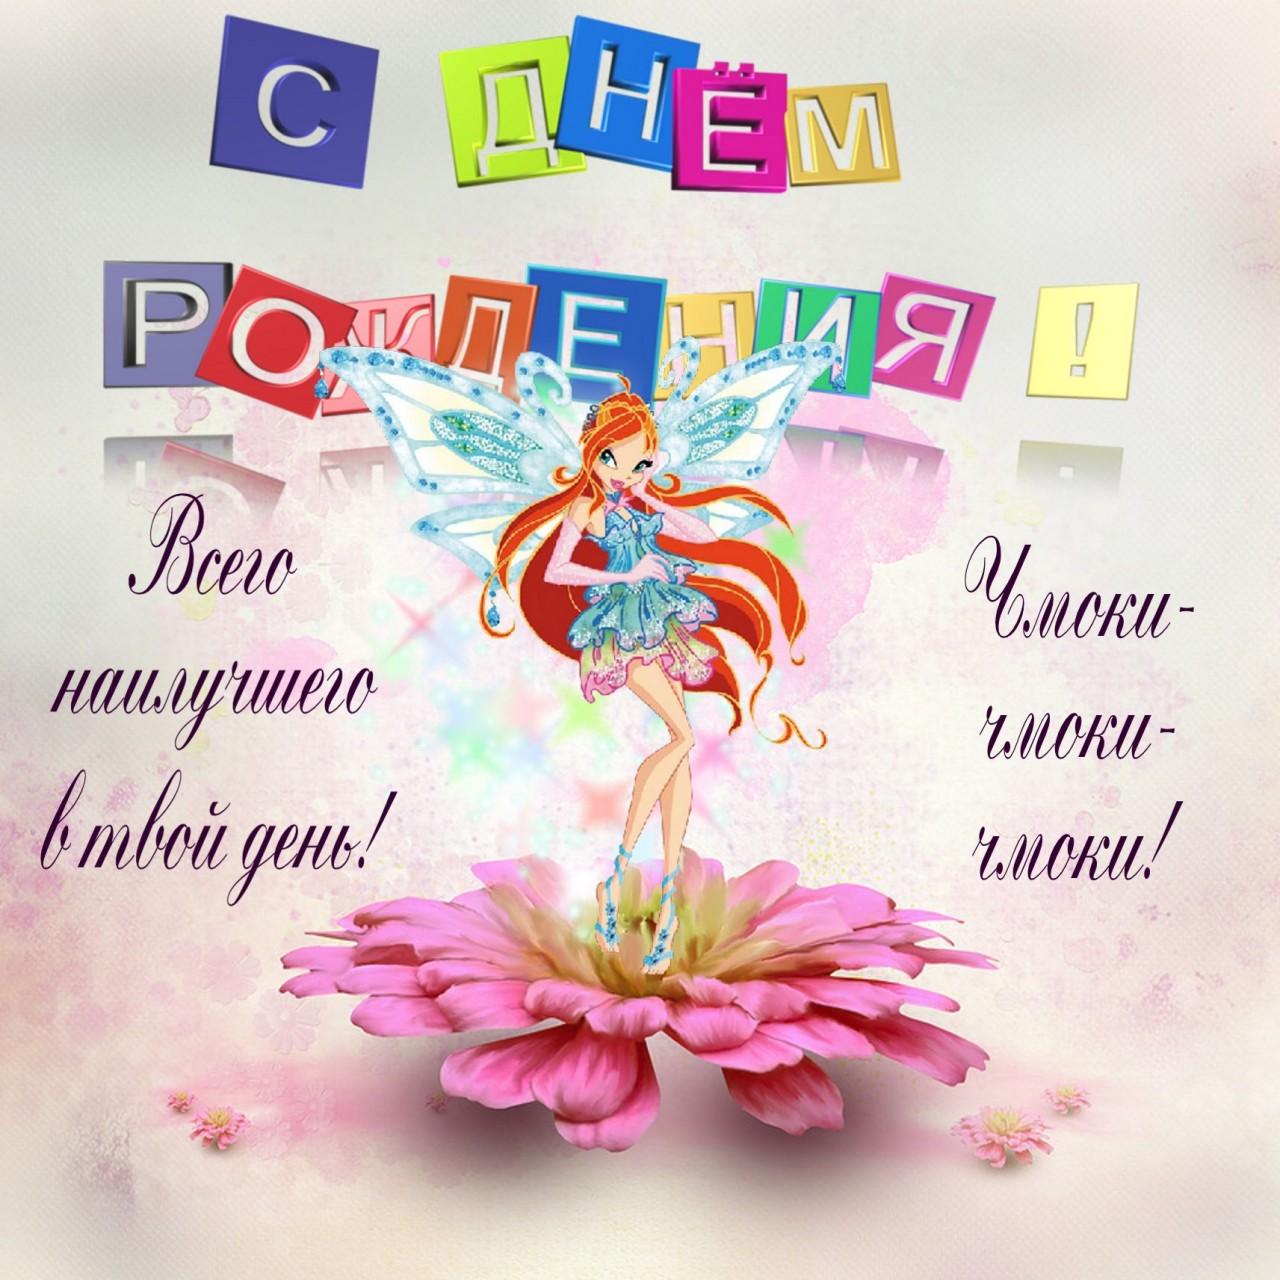 Поздравления с днем рождения для девочки 1 год с открытками